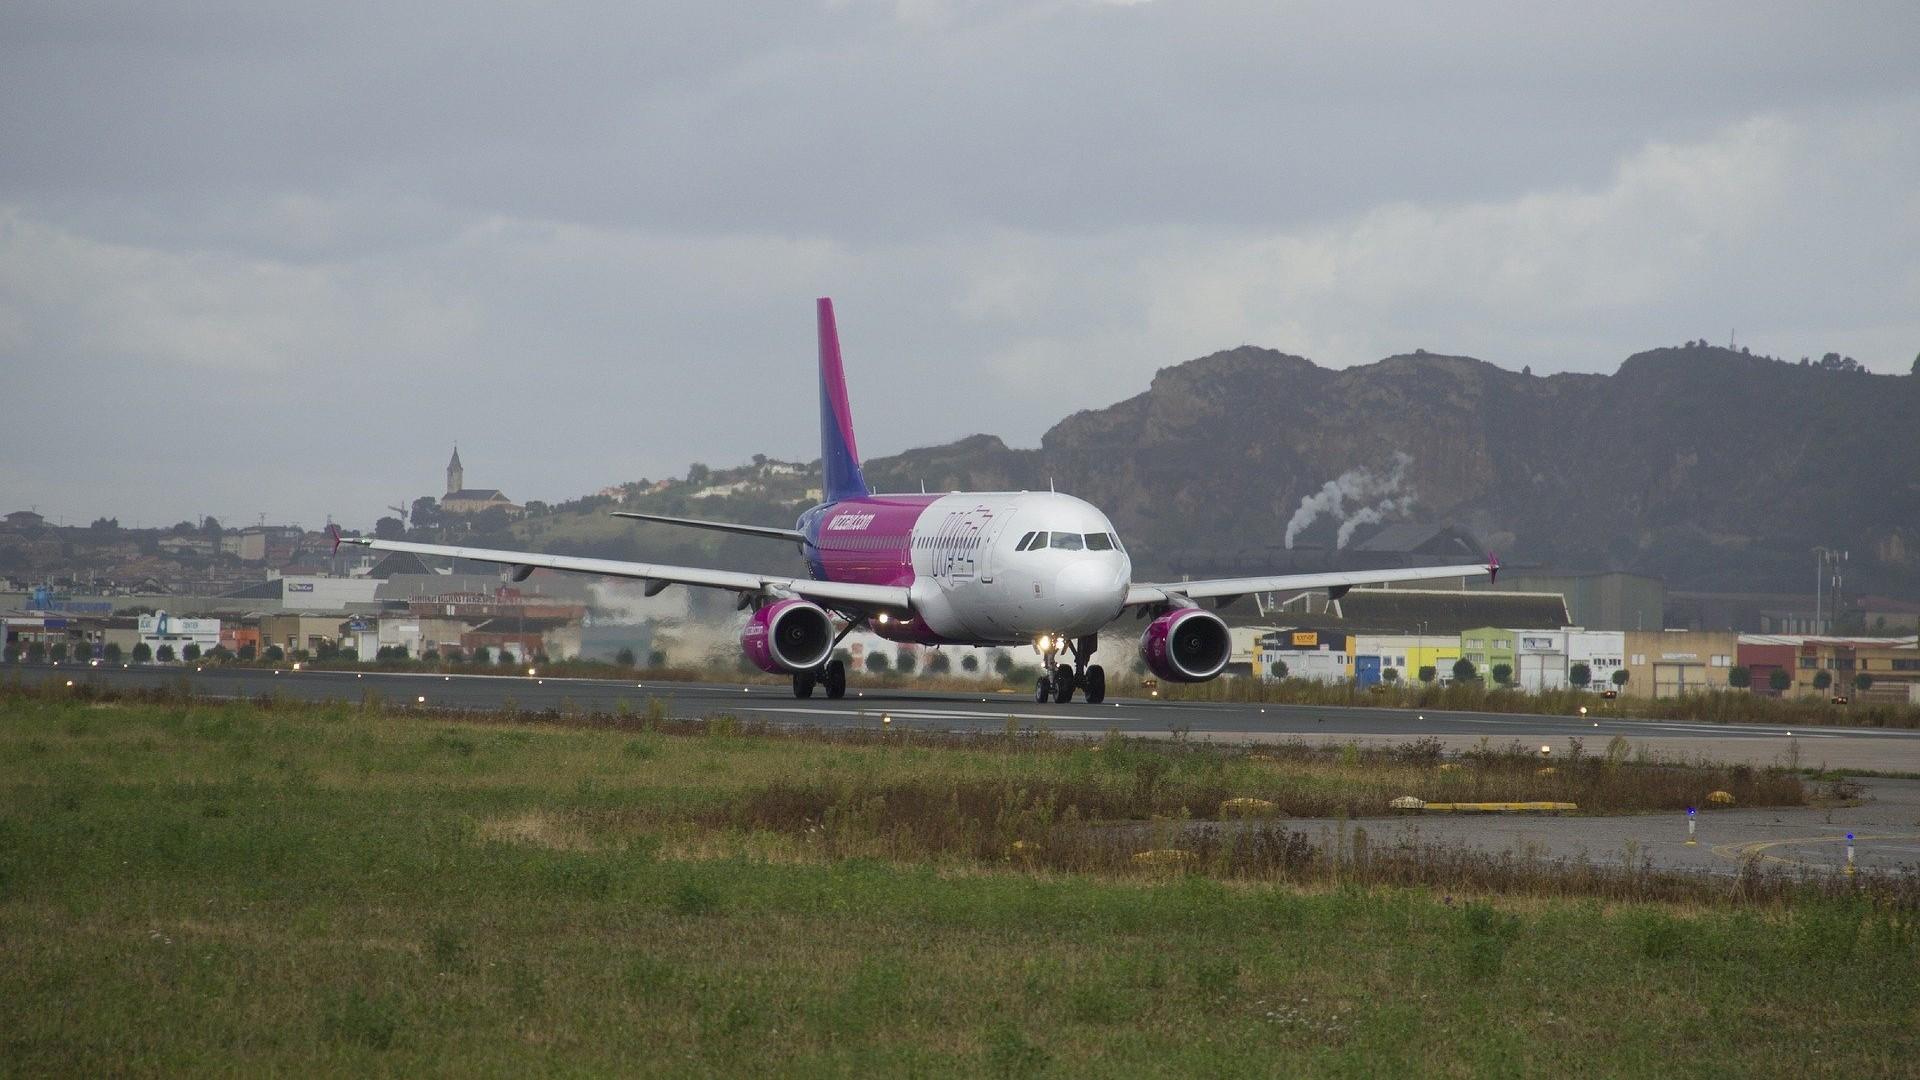 Wizz Air prelungește suspendarea zborurilor până pe 14 mai. Pasagerii afectați primesc 120% din valoarea biletelor